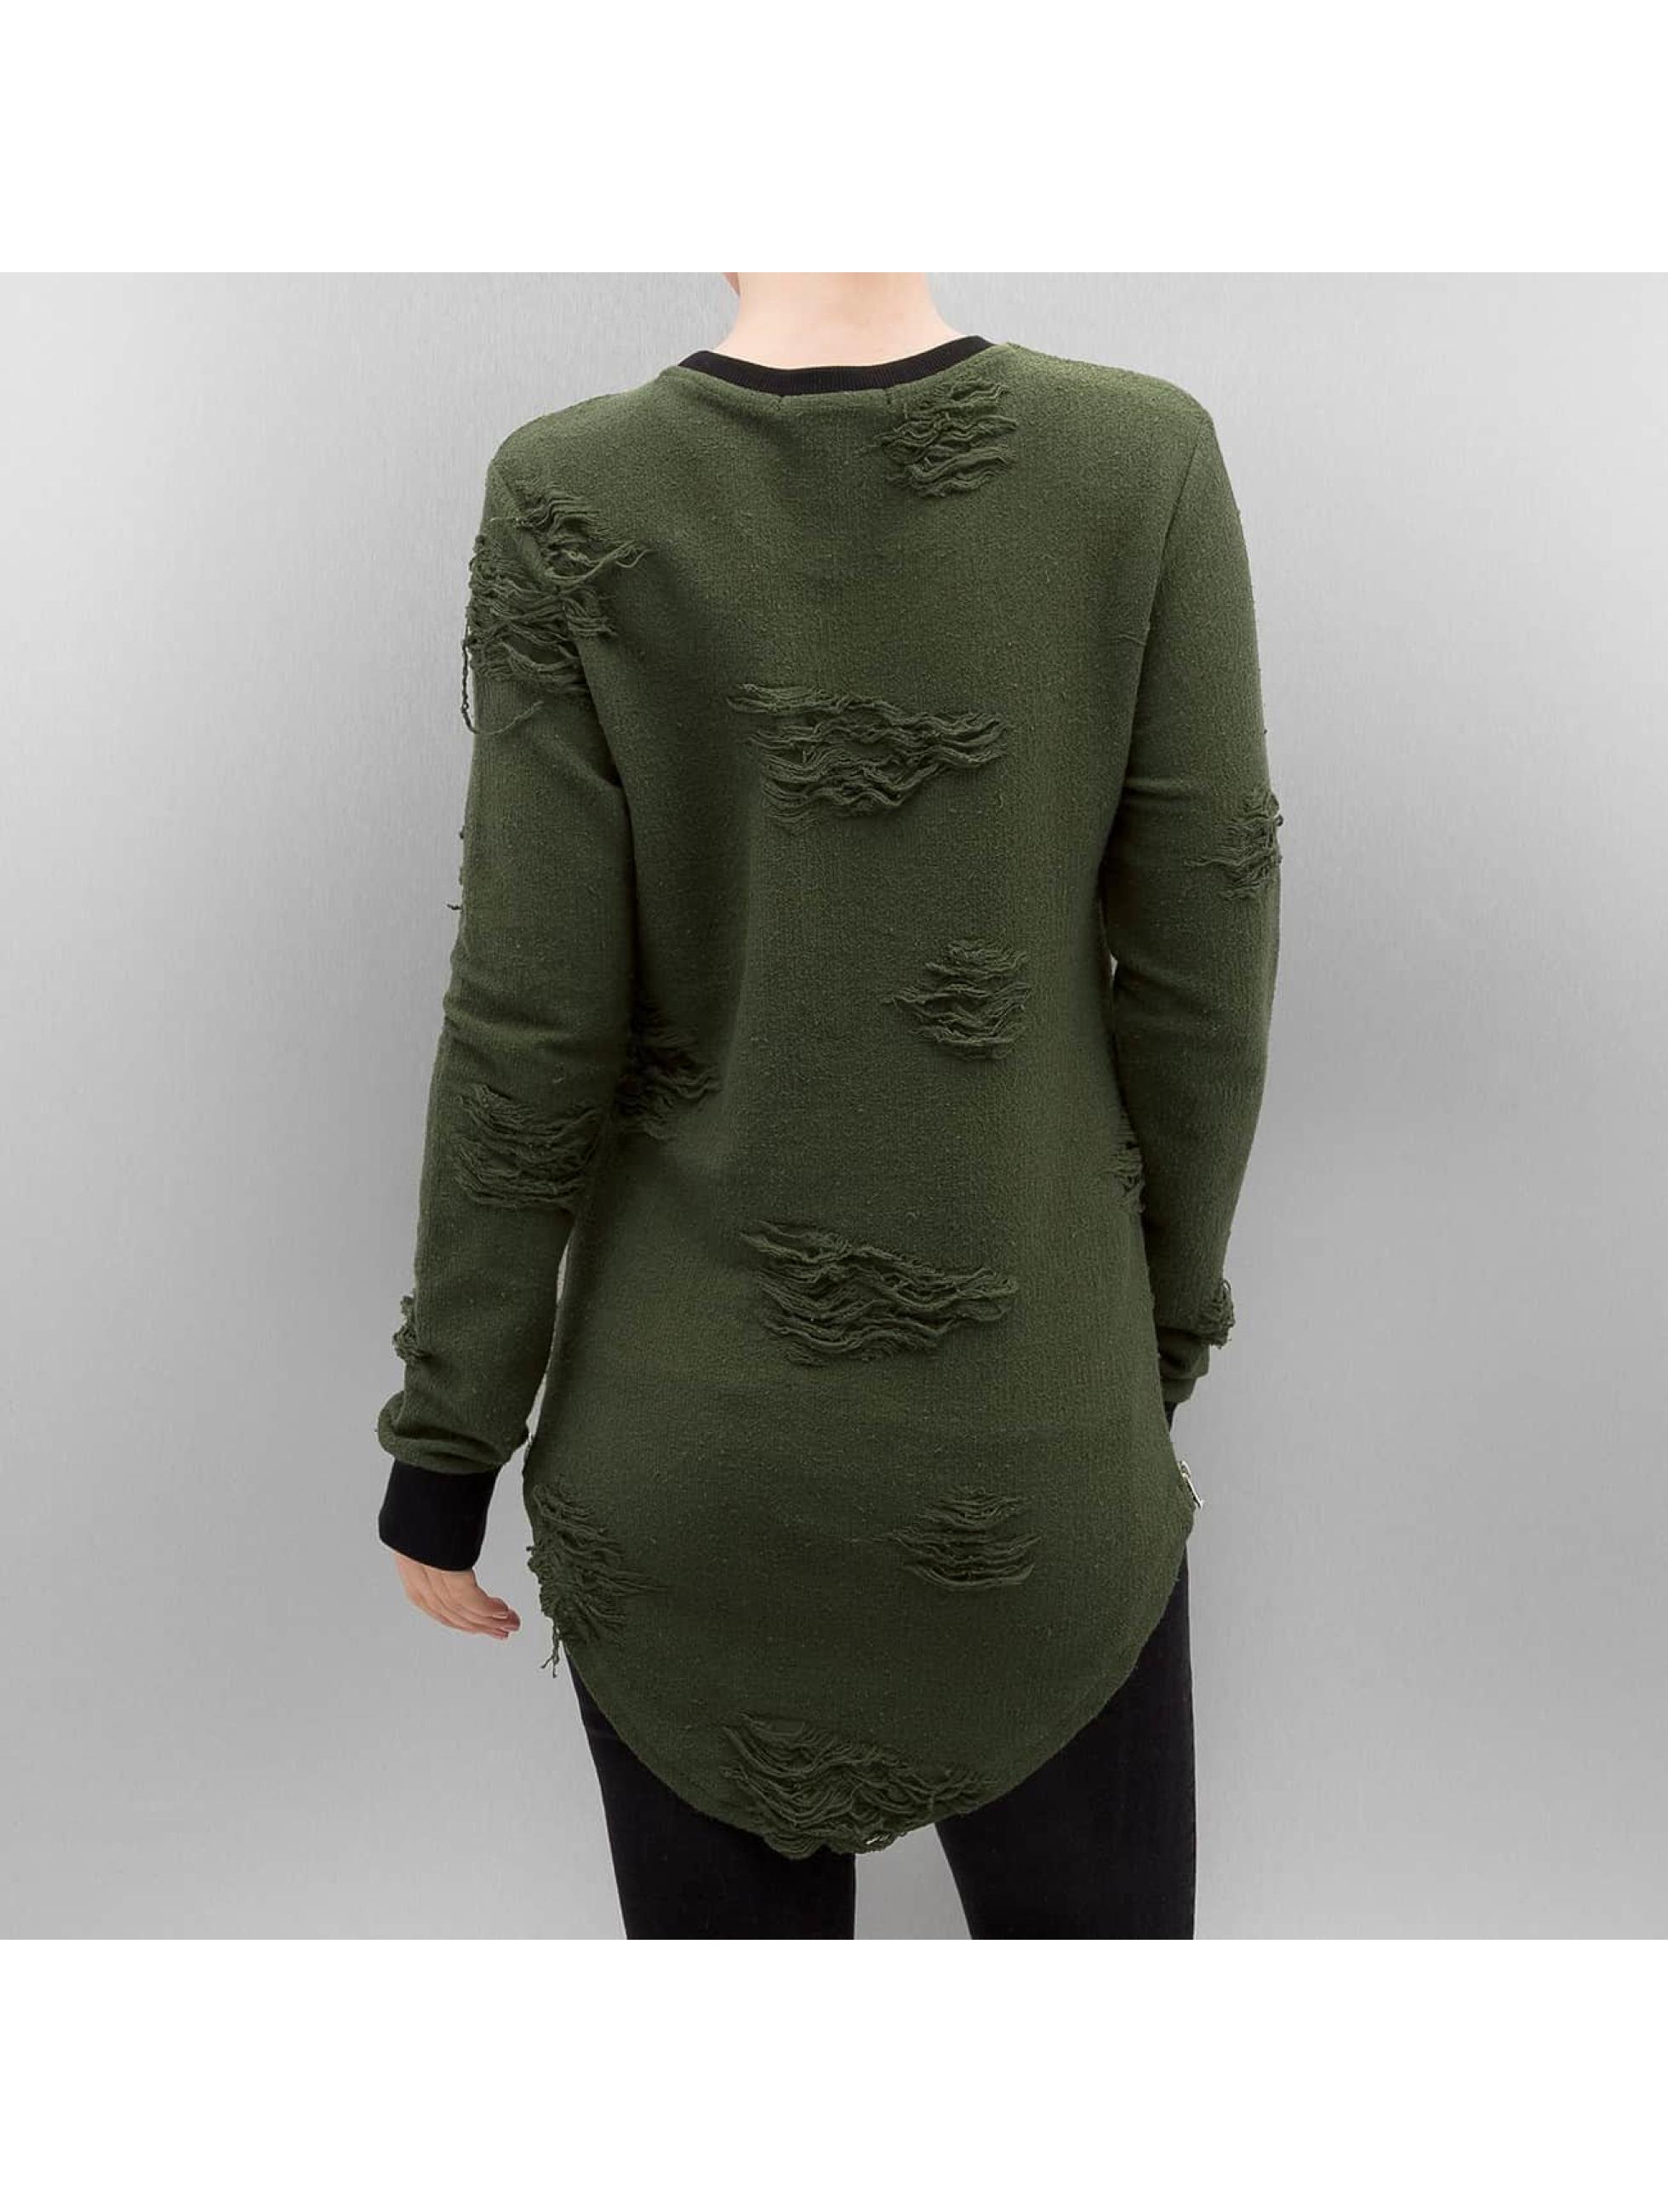 Paris Premium Pullover Used olive